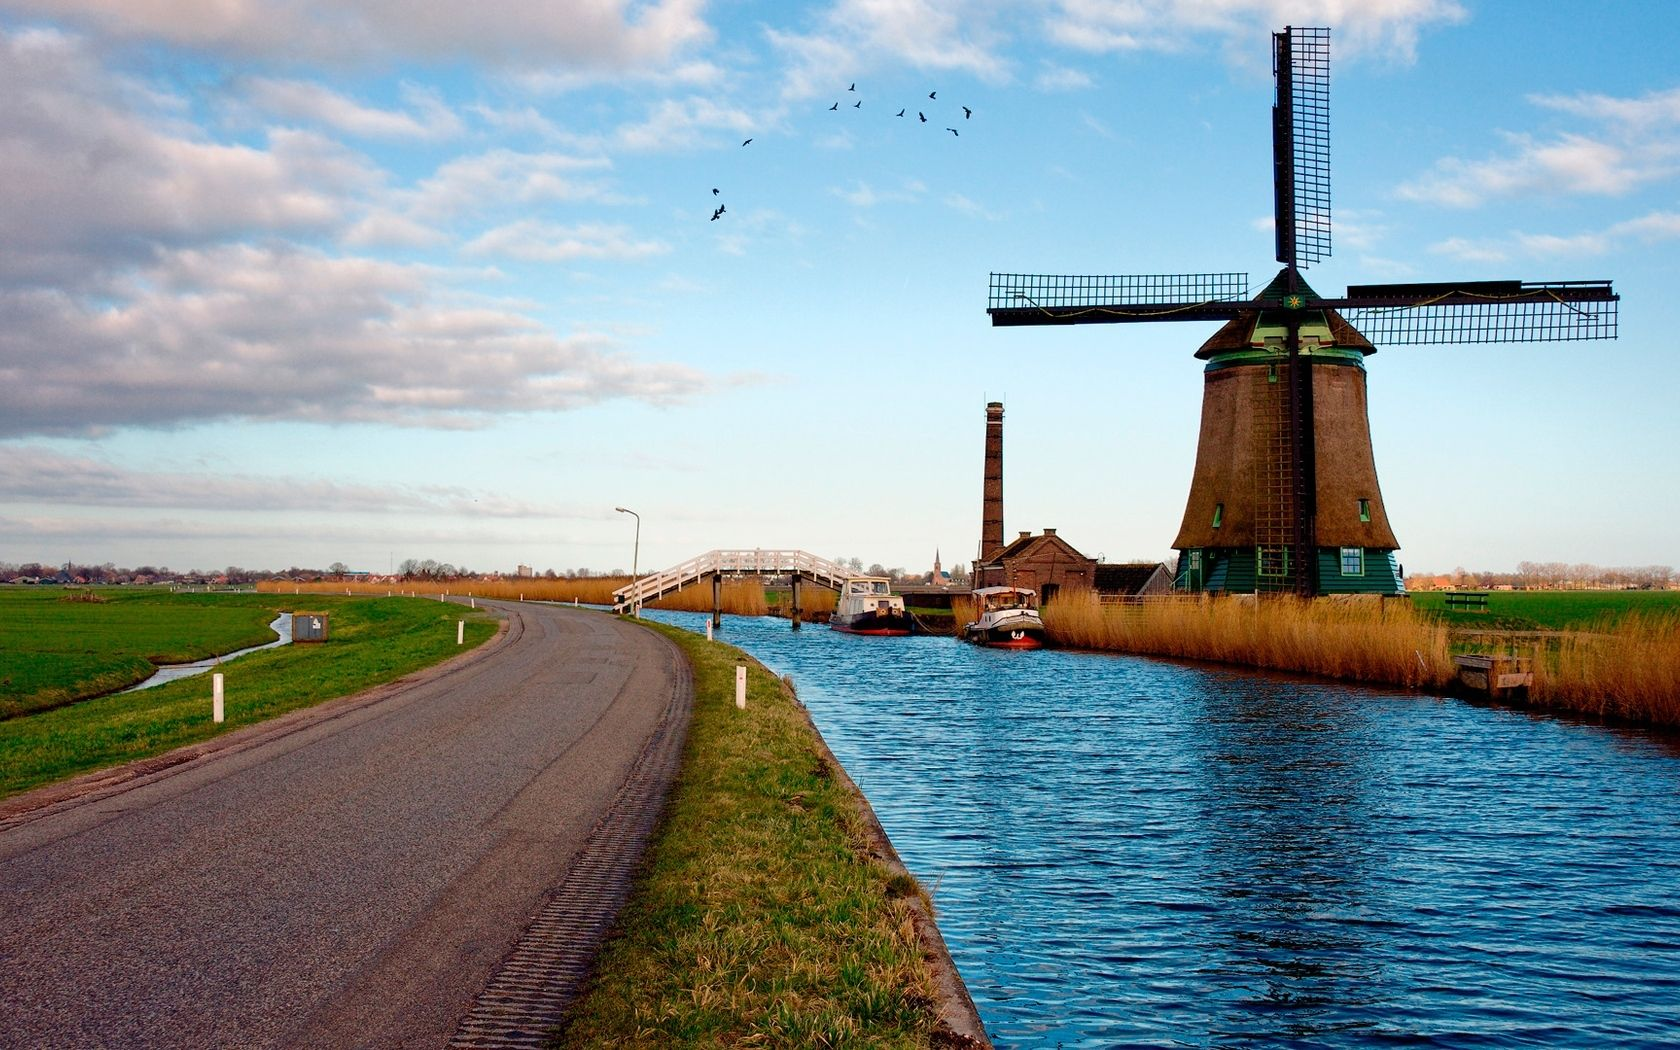 Dutch Hd